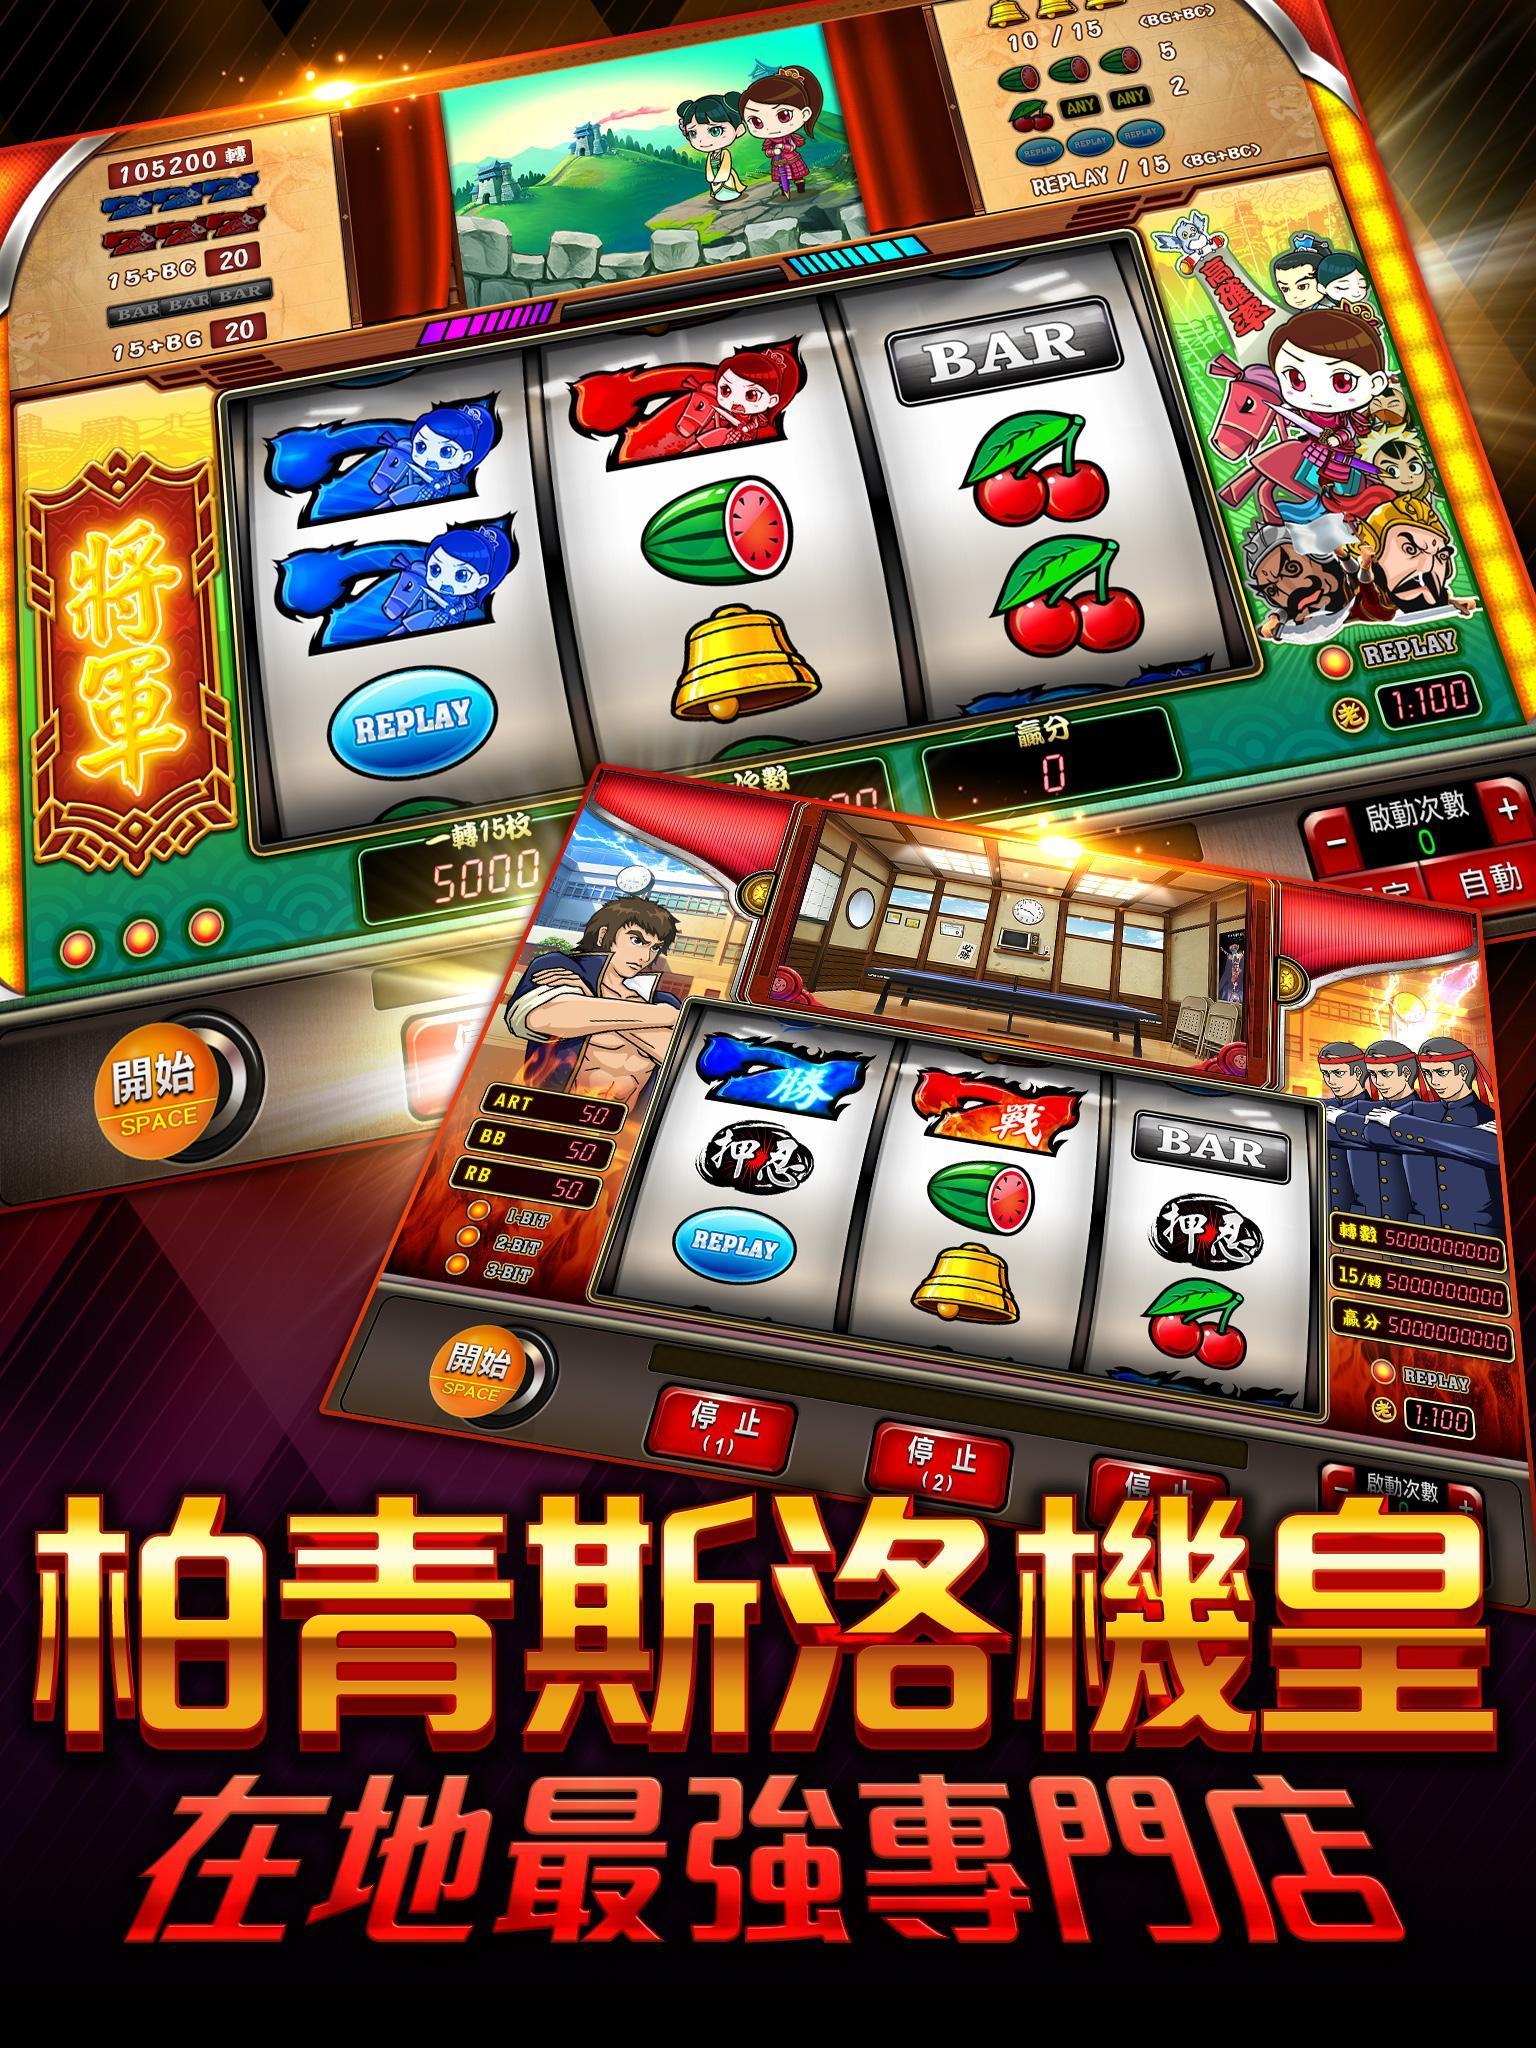 老子有錢 麻將、捕魚、老虎機、百家樂、柏青斯洛 2.57.1320 Screenshot 17